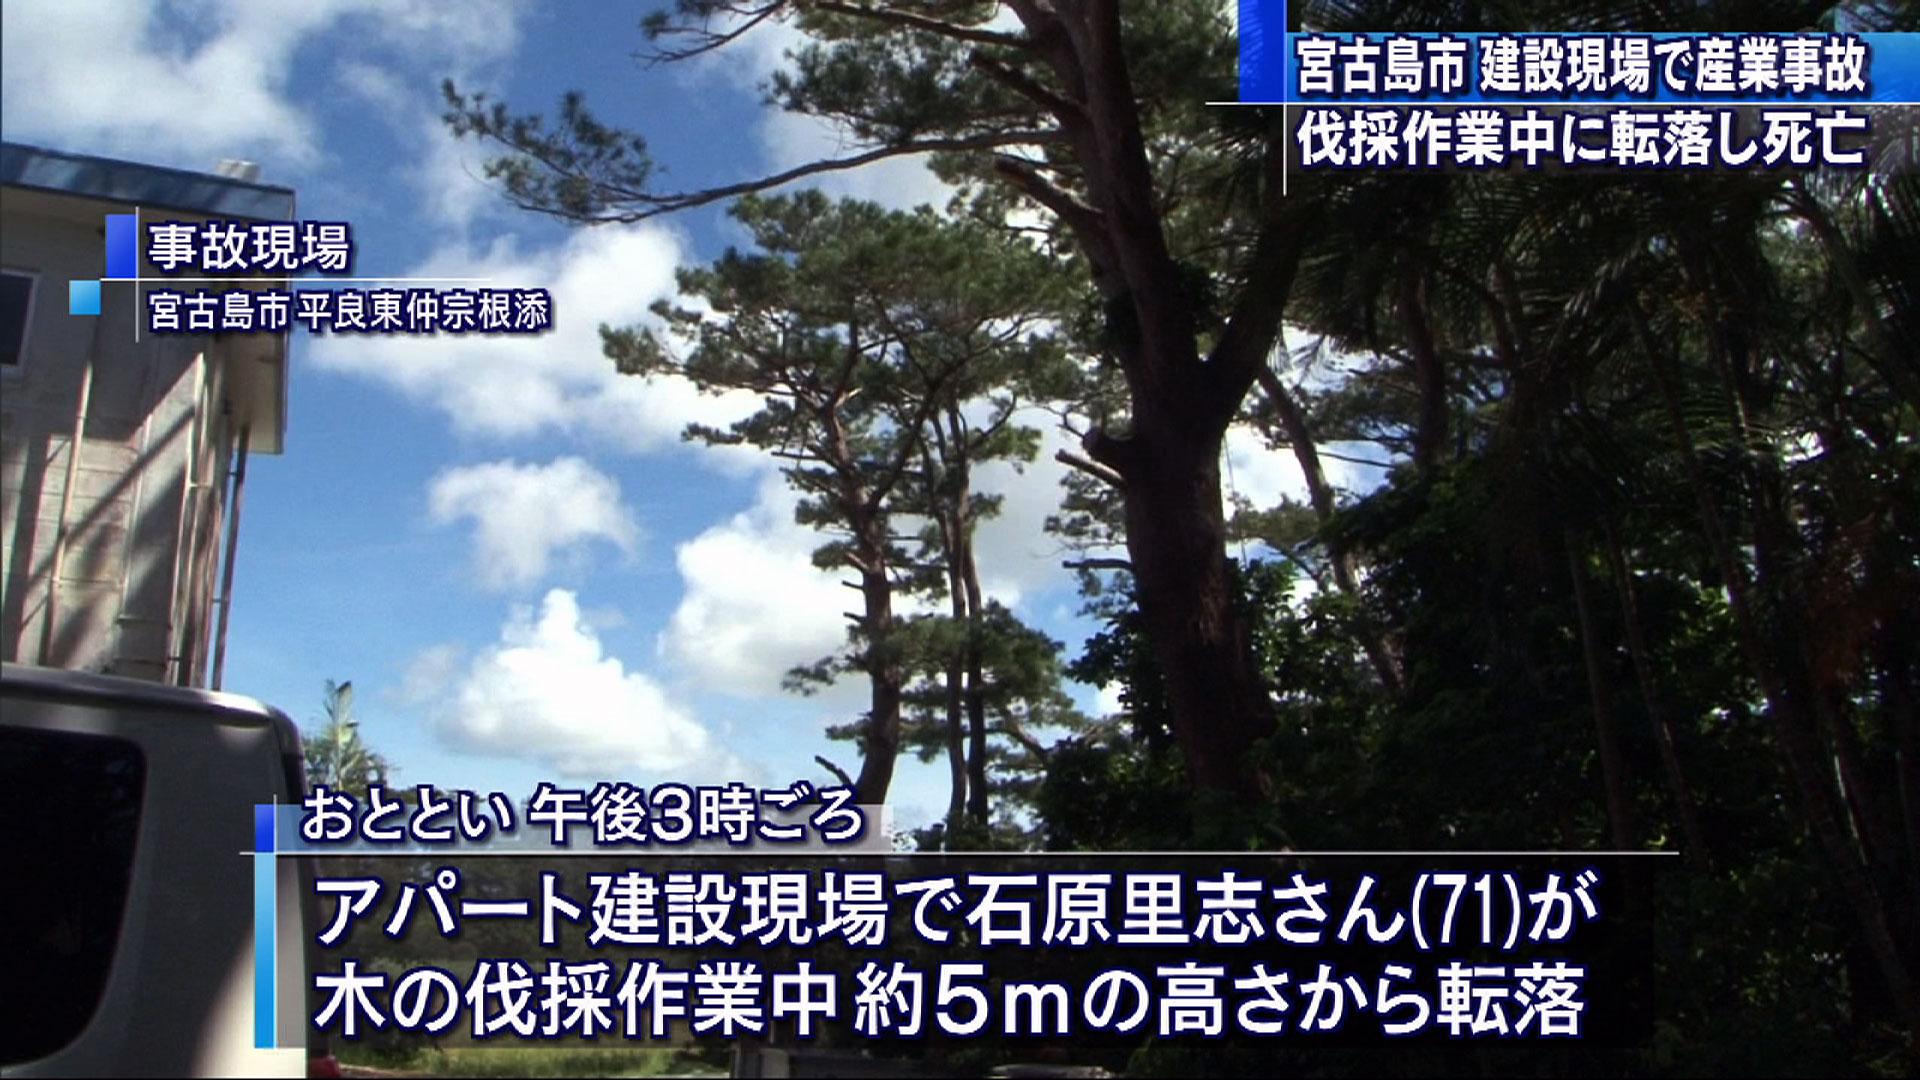 宮古島市で産業事故 70代男性死亡